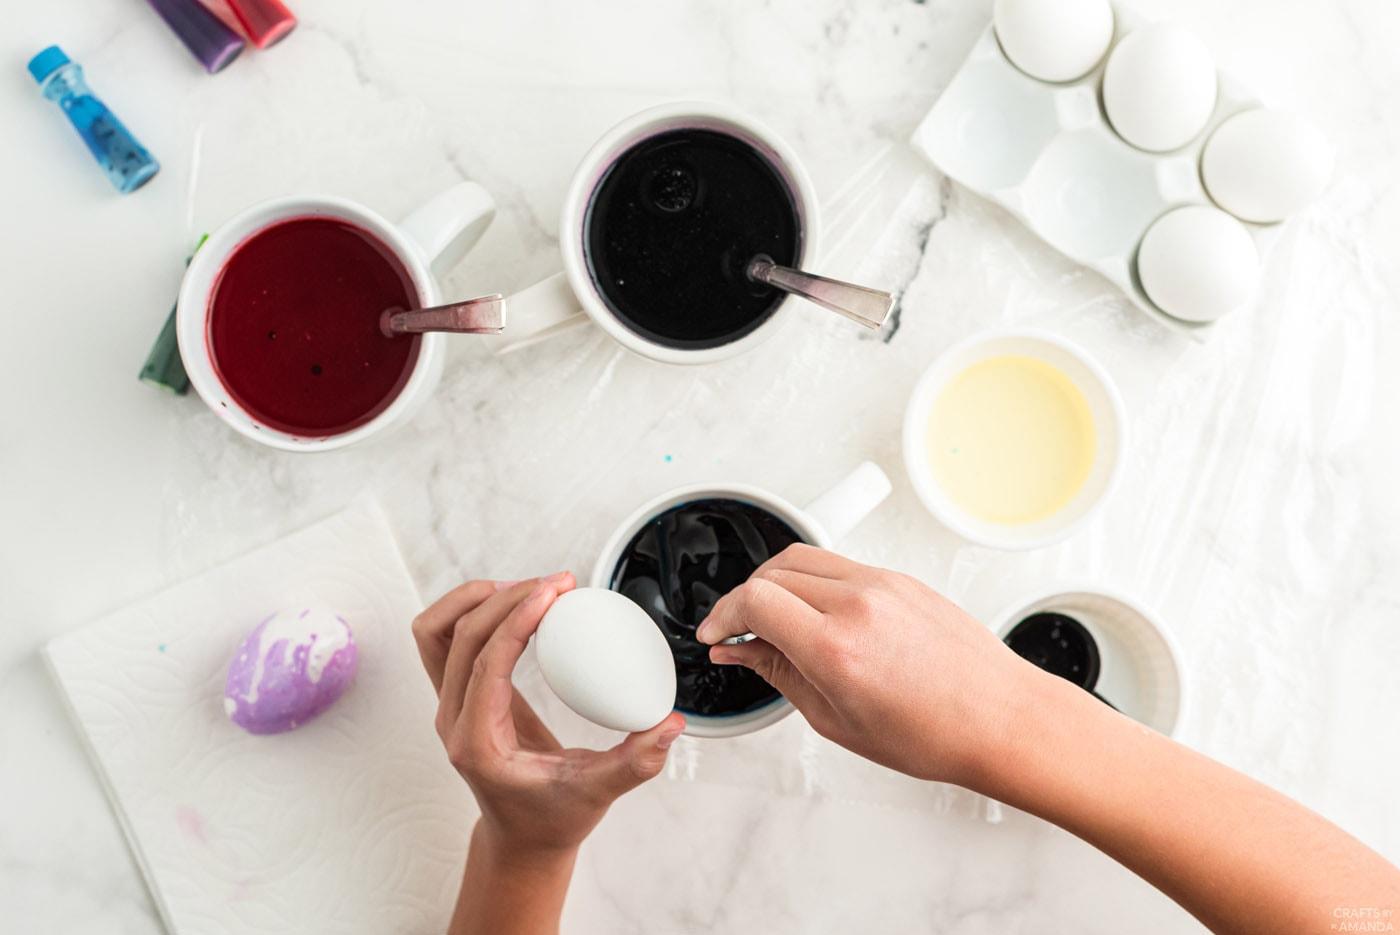 vinaigre tourbillonnant, colorant alimentaire et eau dans une tasse avec une cuillère